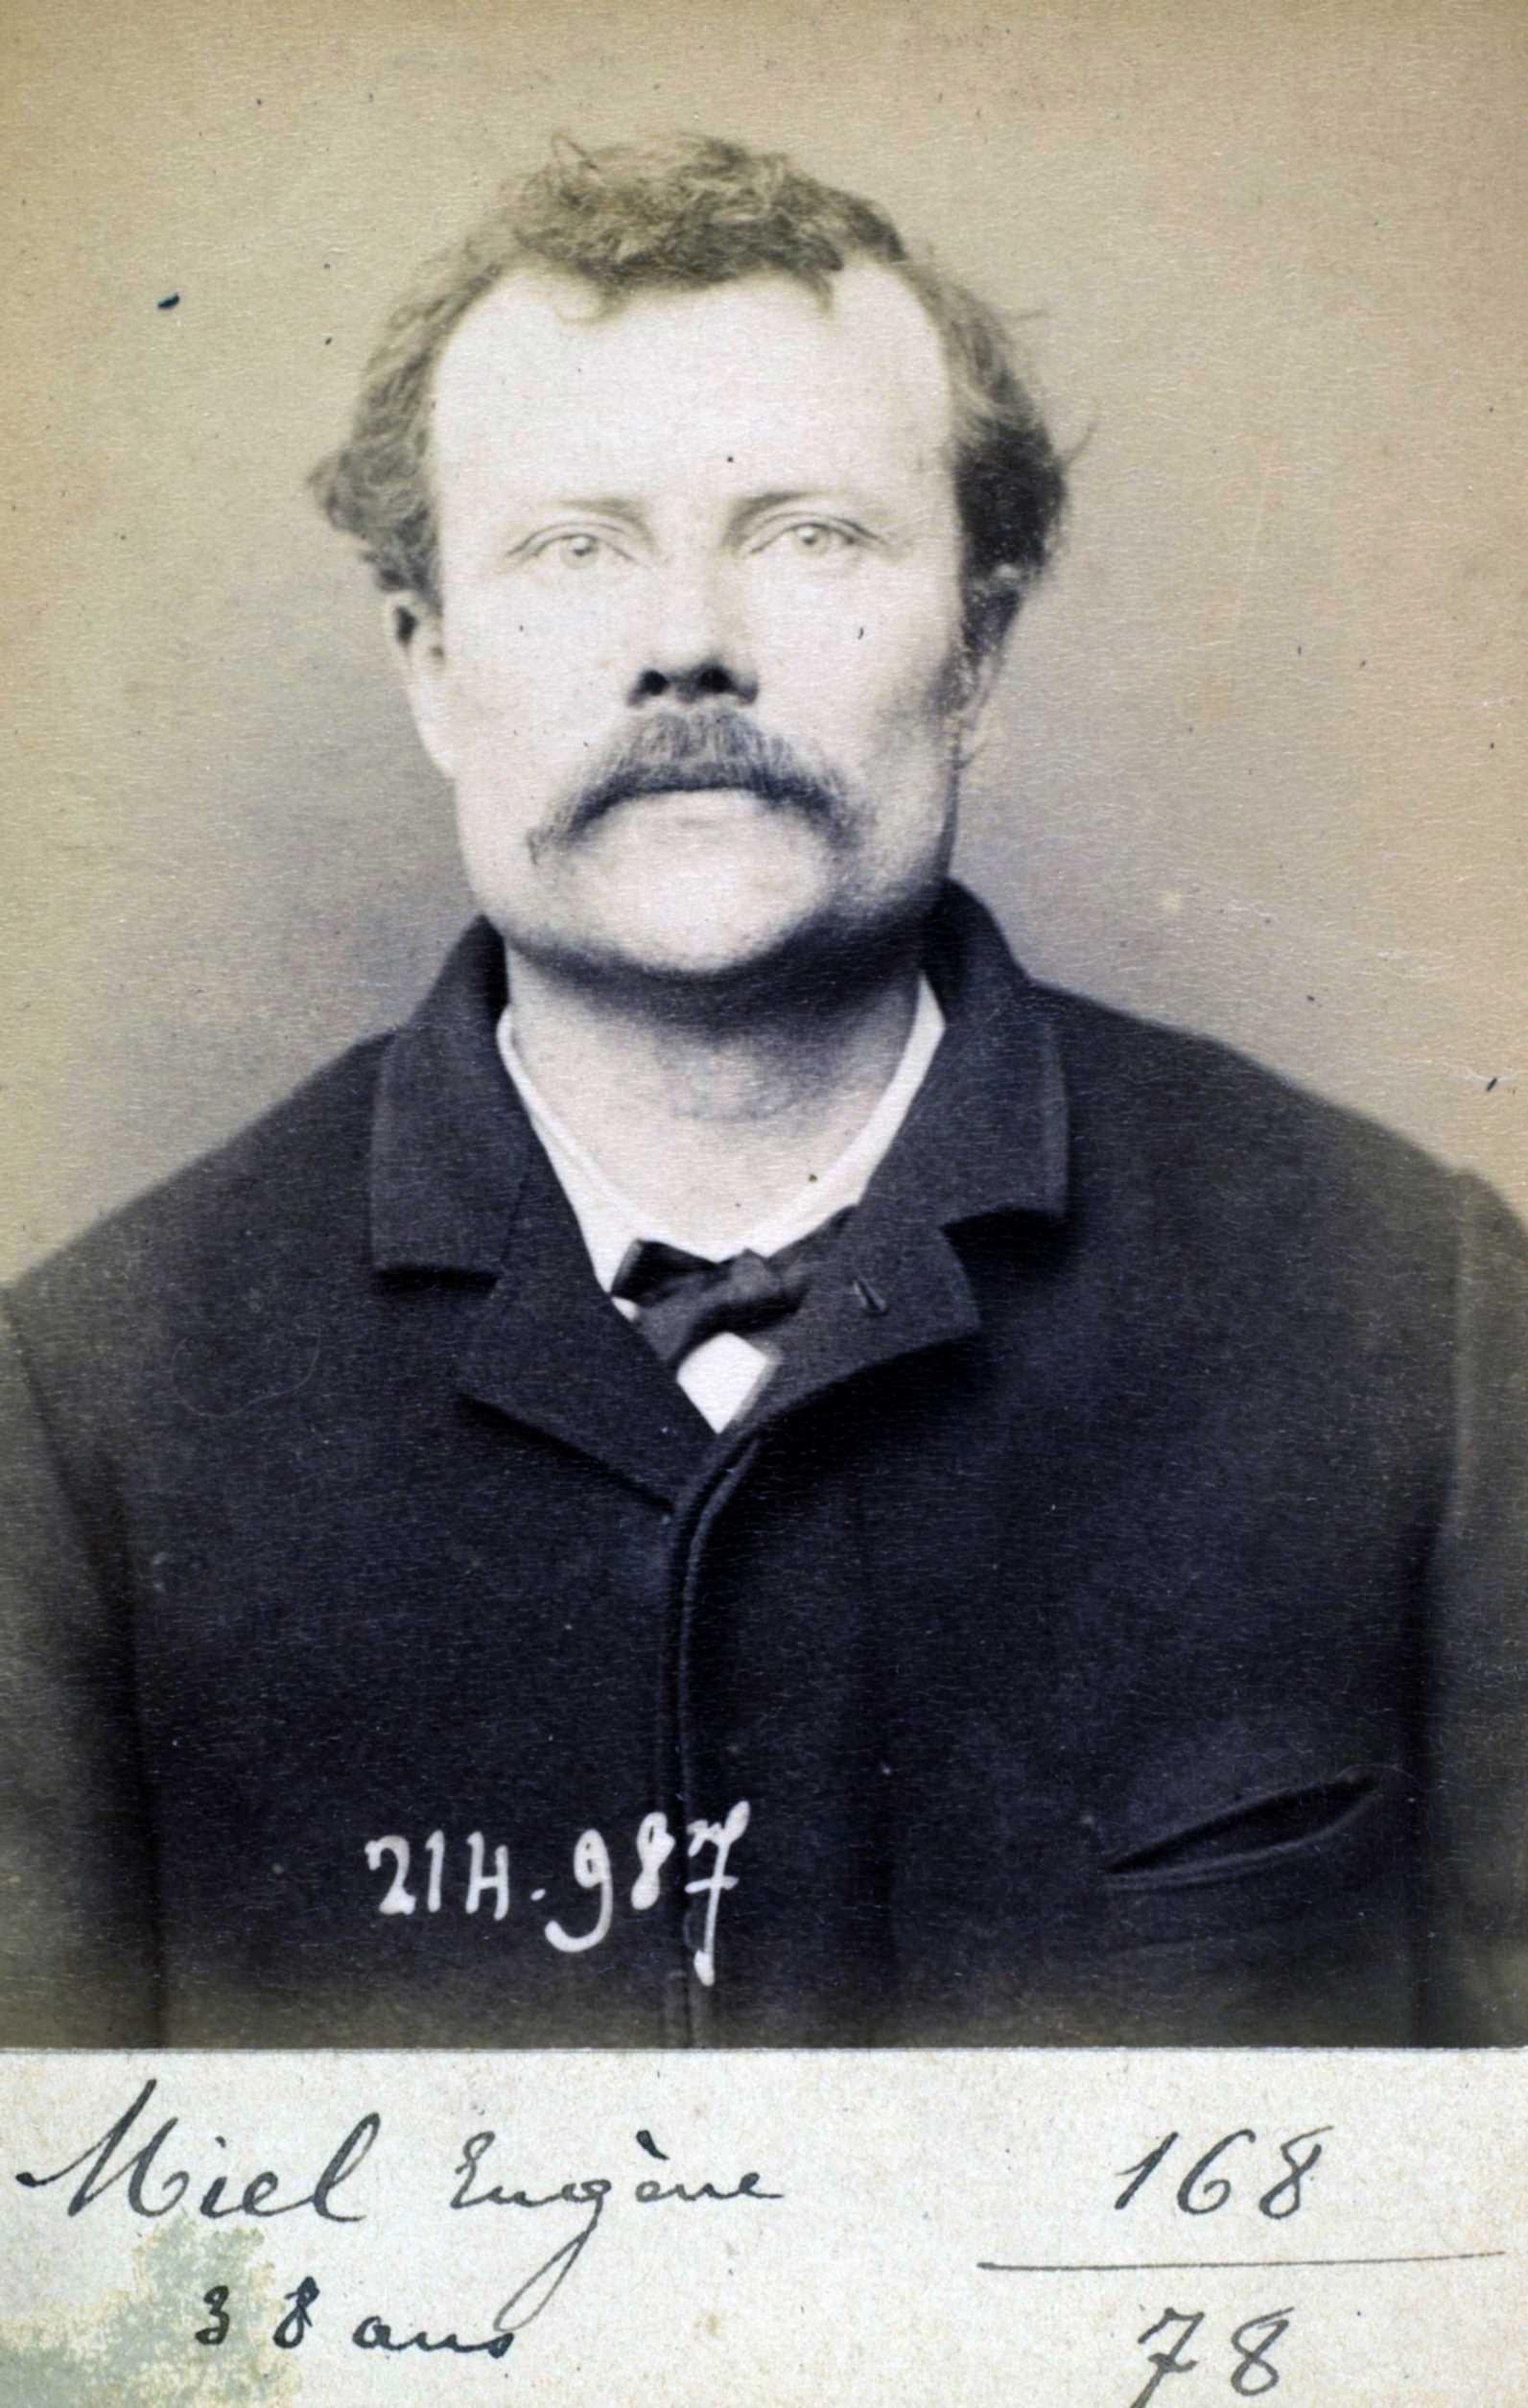 Foto policíaca d'Eugène Miel (2 de març de 1894)